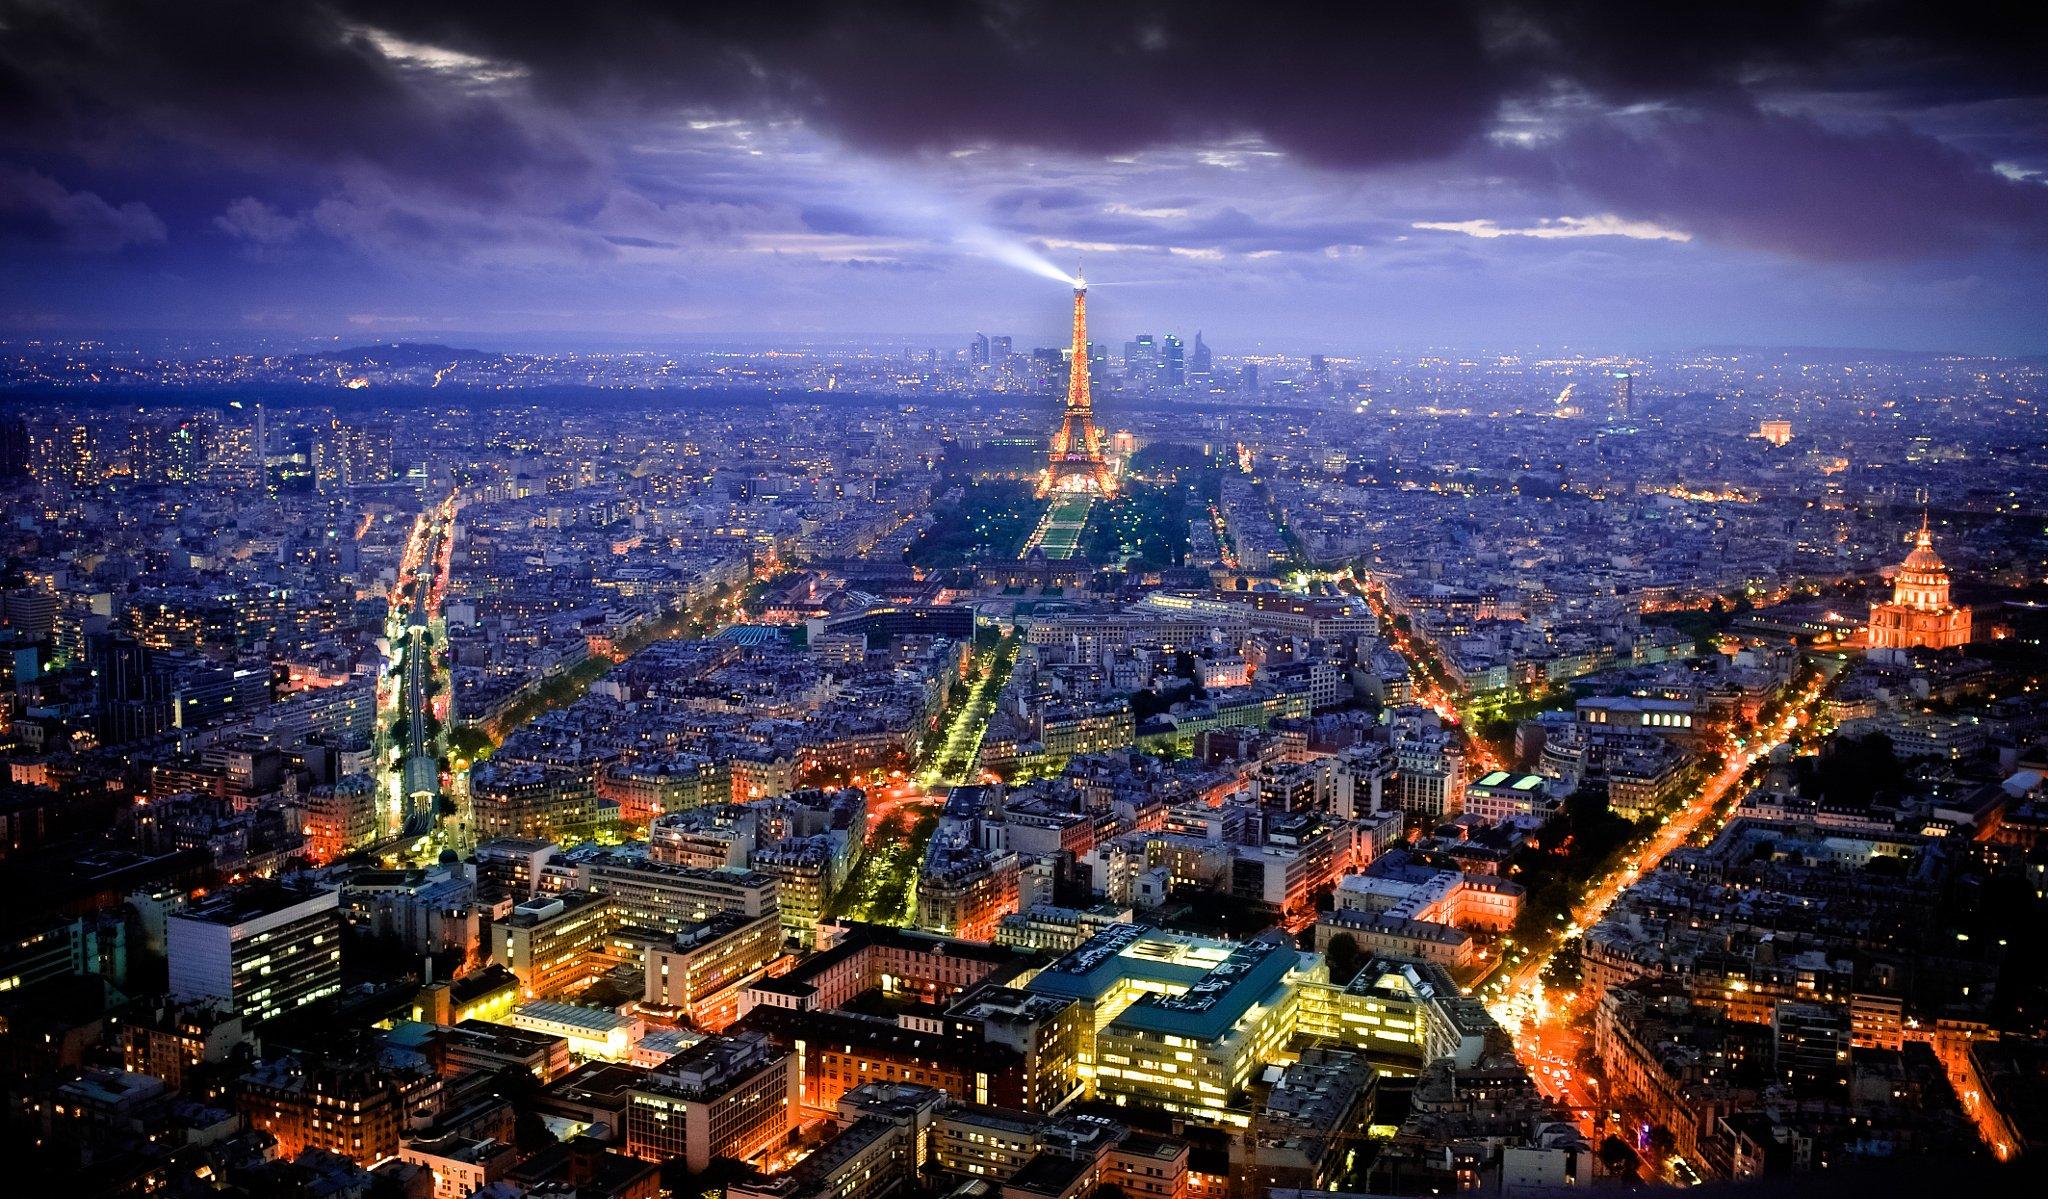 может фотообои на рабочий стол ночного города парижа букашка утратила